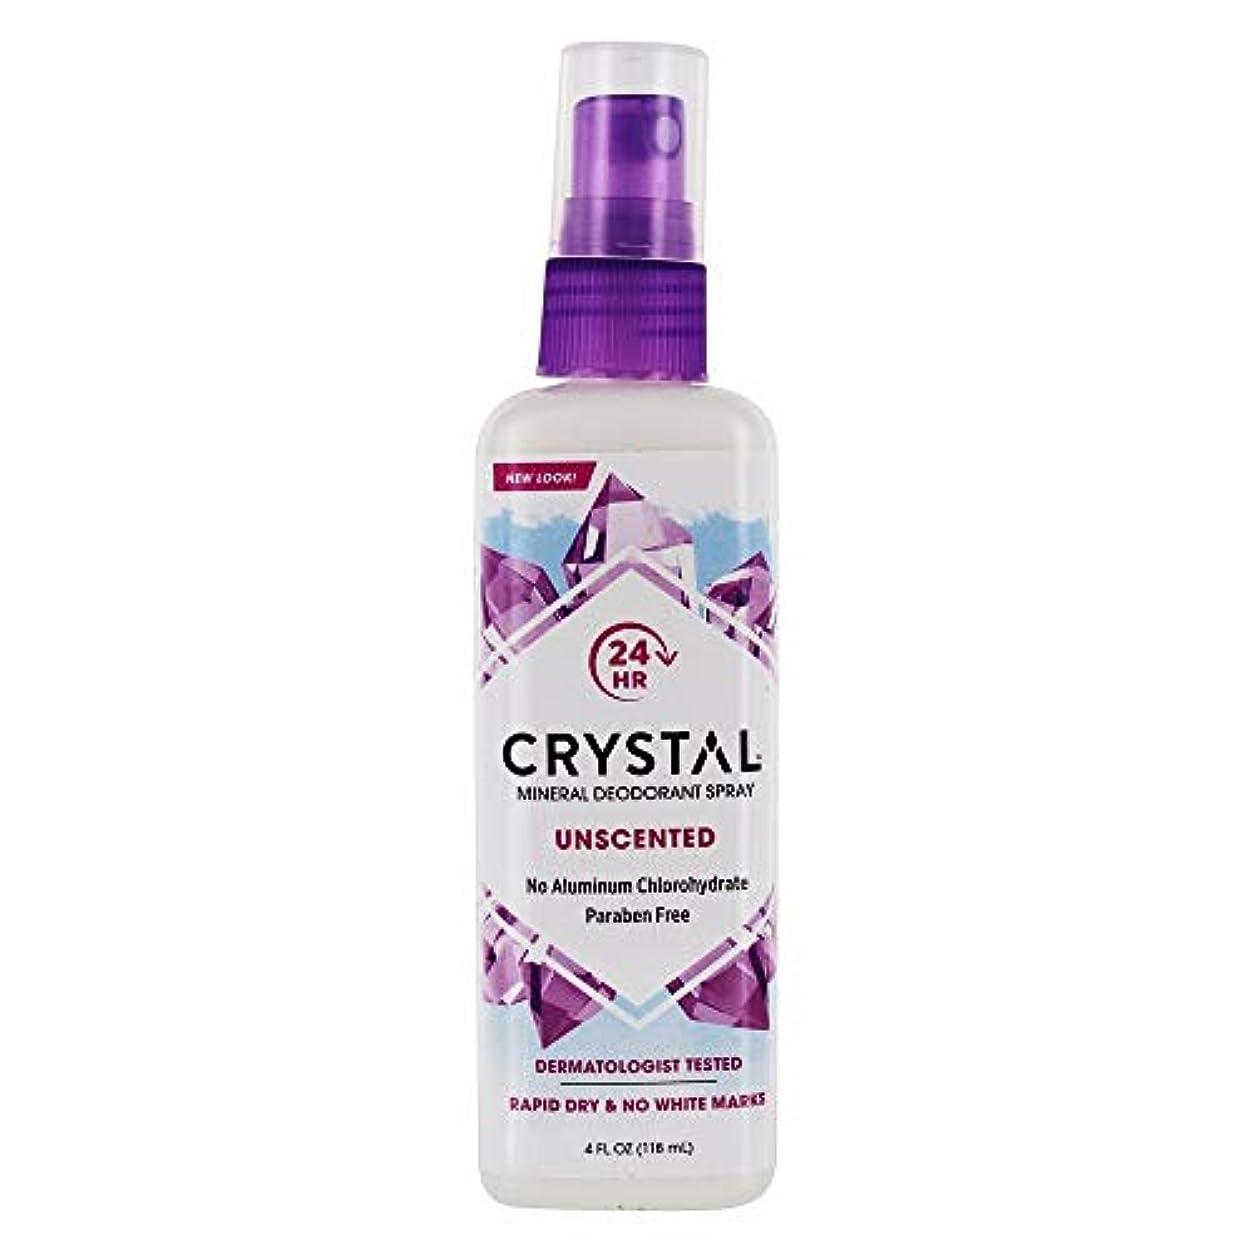 仮定する二年生開梱クリスタル(Crystal) ボディデオドラント スプレー(無香料) 118ml [海外直送][並行輸入品]